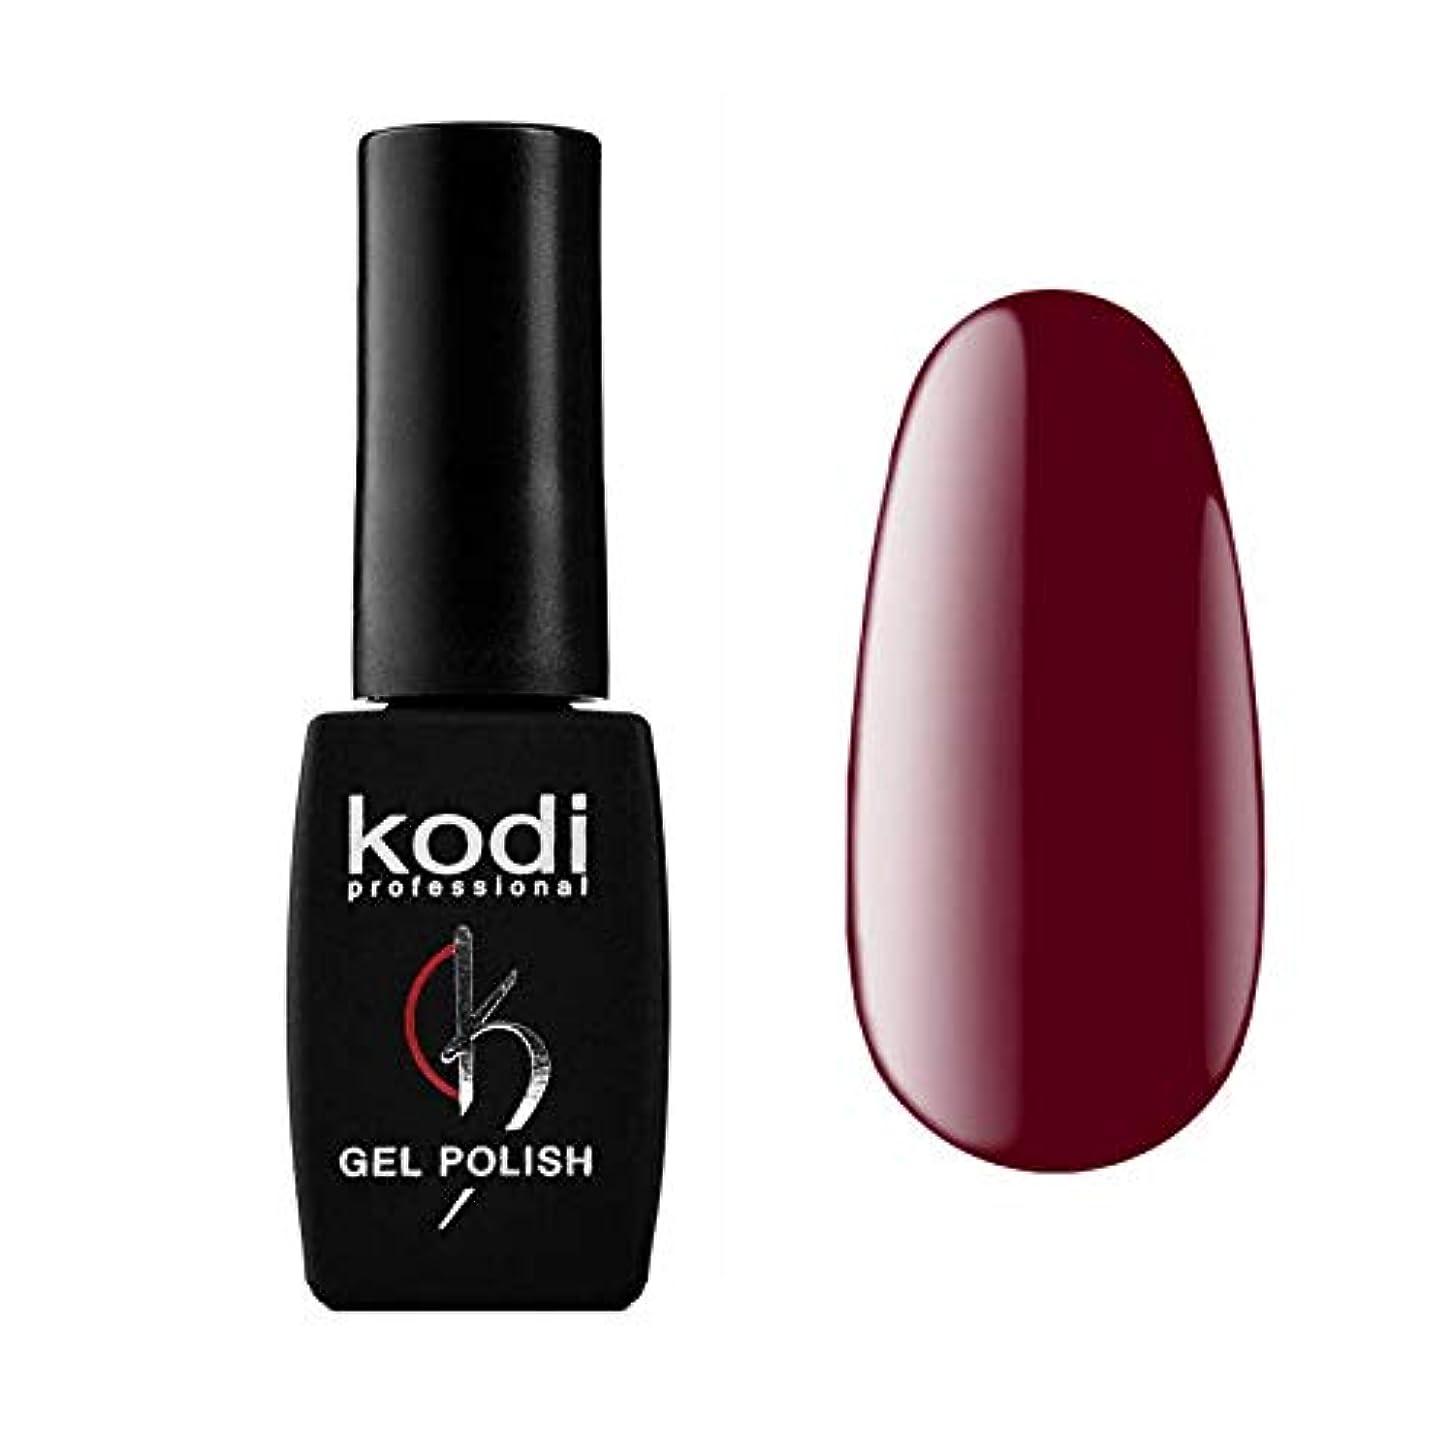 拷問しなやかな敬礼Kodi Professional New Collection WN WINE #20 Color Gel Nail Polish 12ml 0.42 Fl Oz LED UV Genuine Soak Off